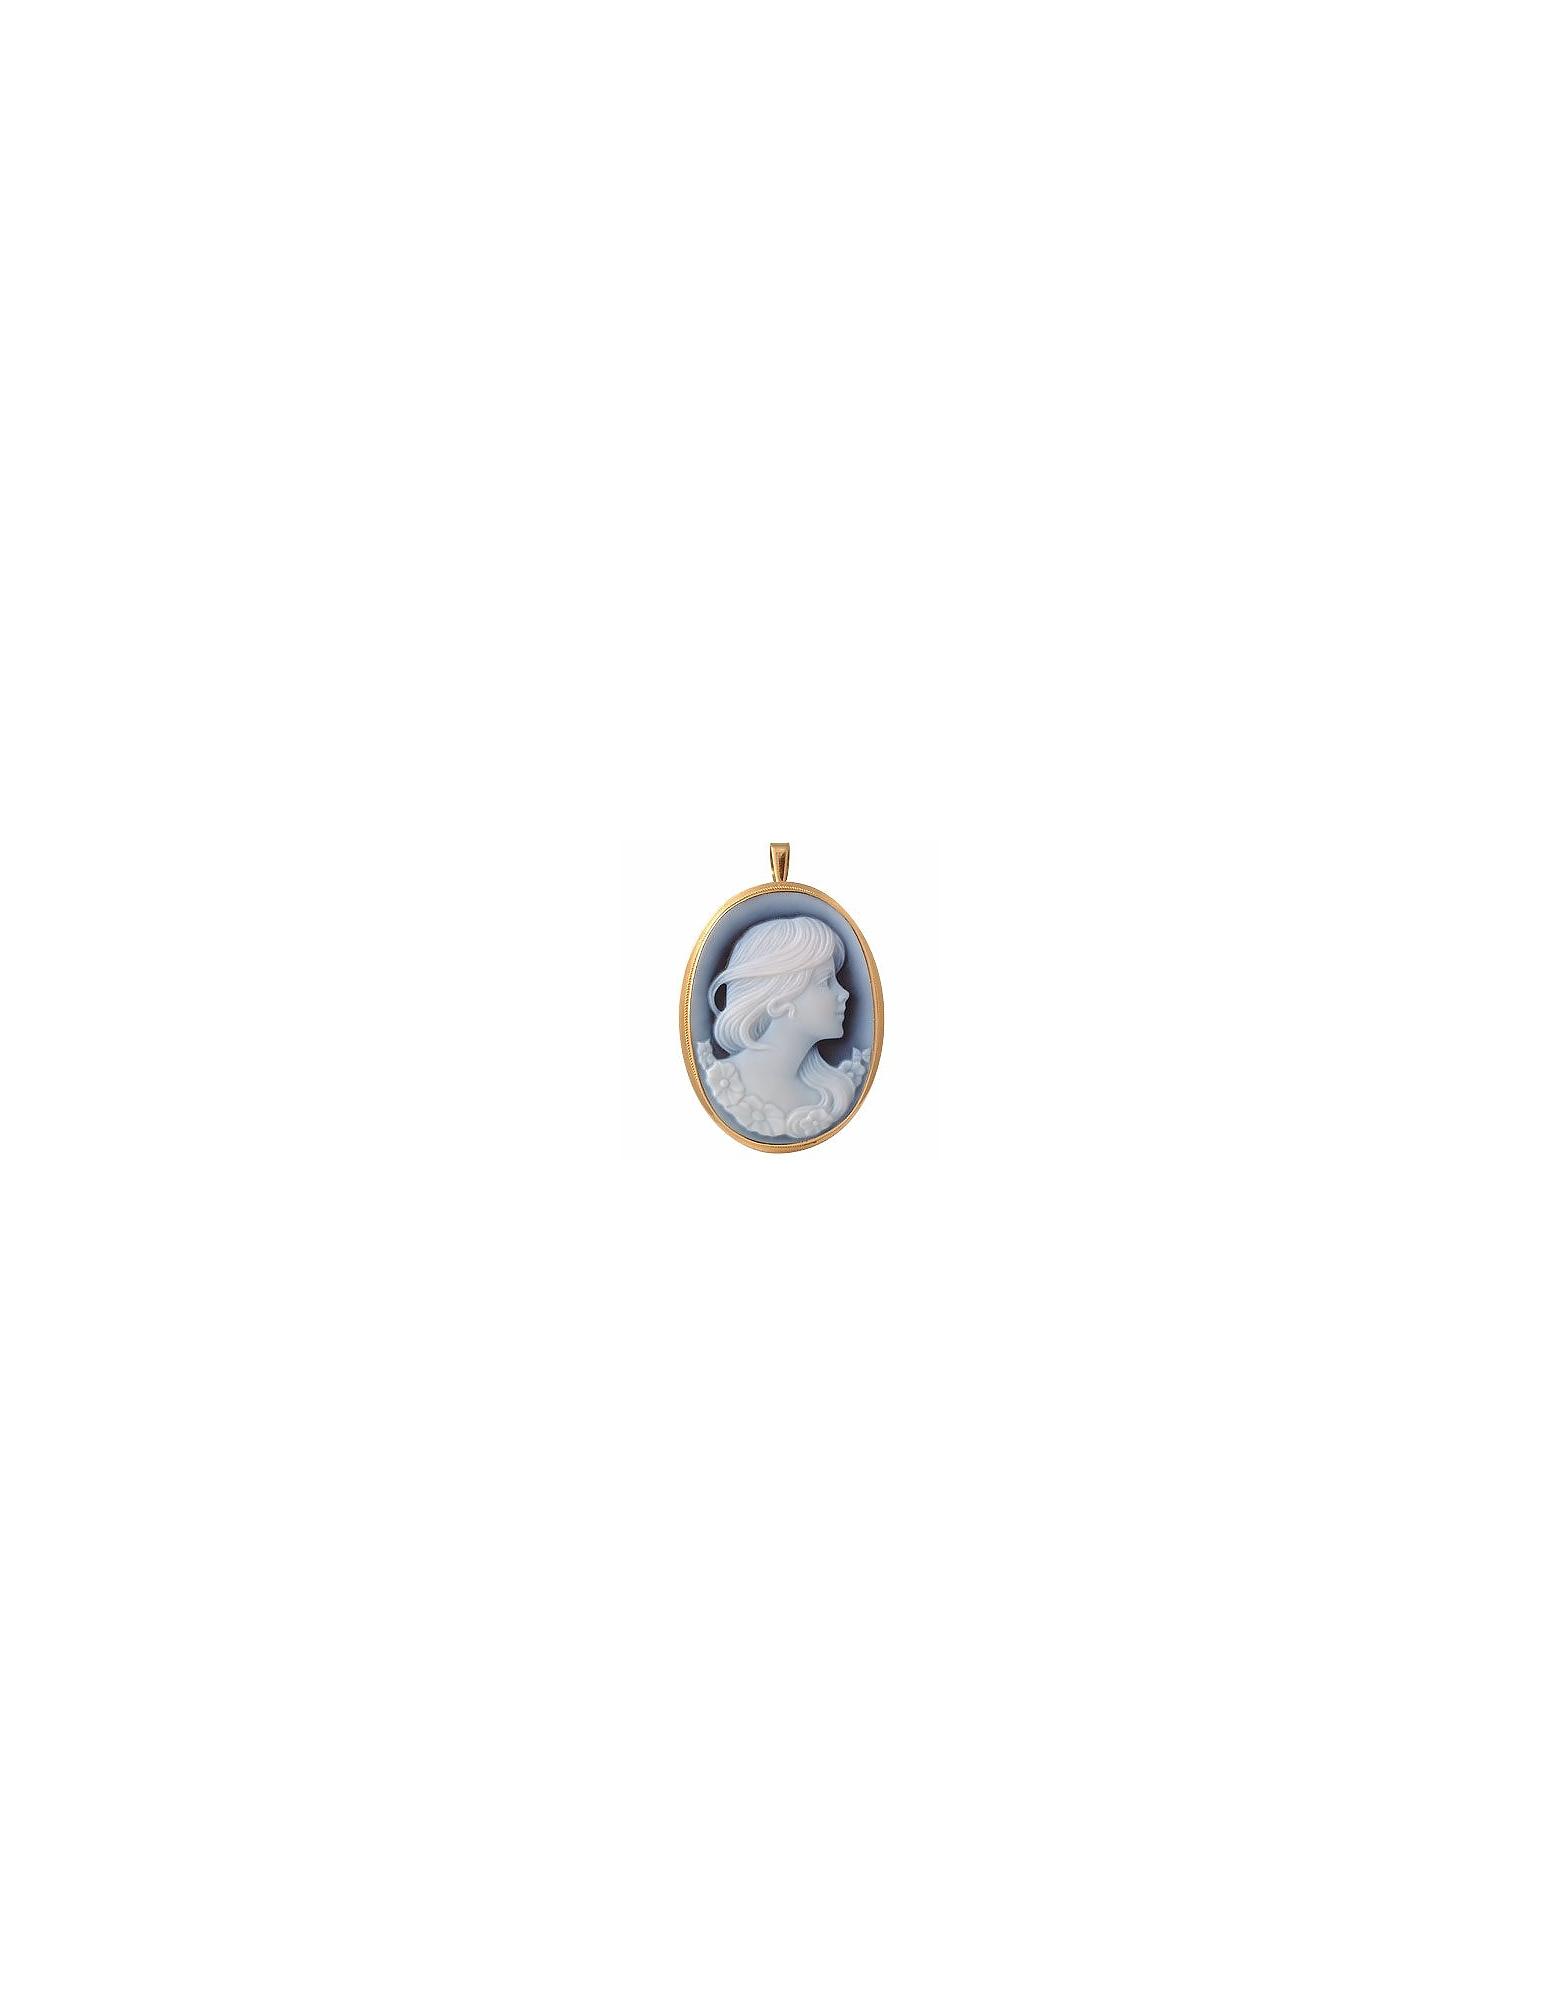 Del Gatto Designer Cameo, Agate Stone Cameo Pendant / Pin